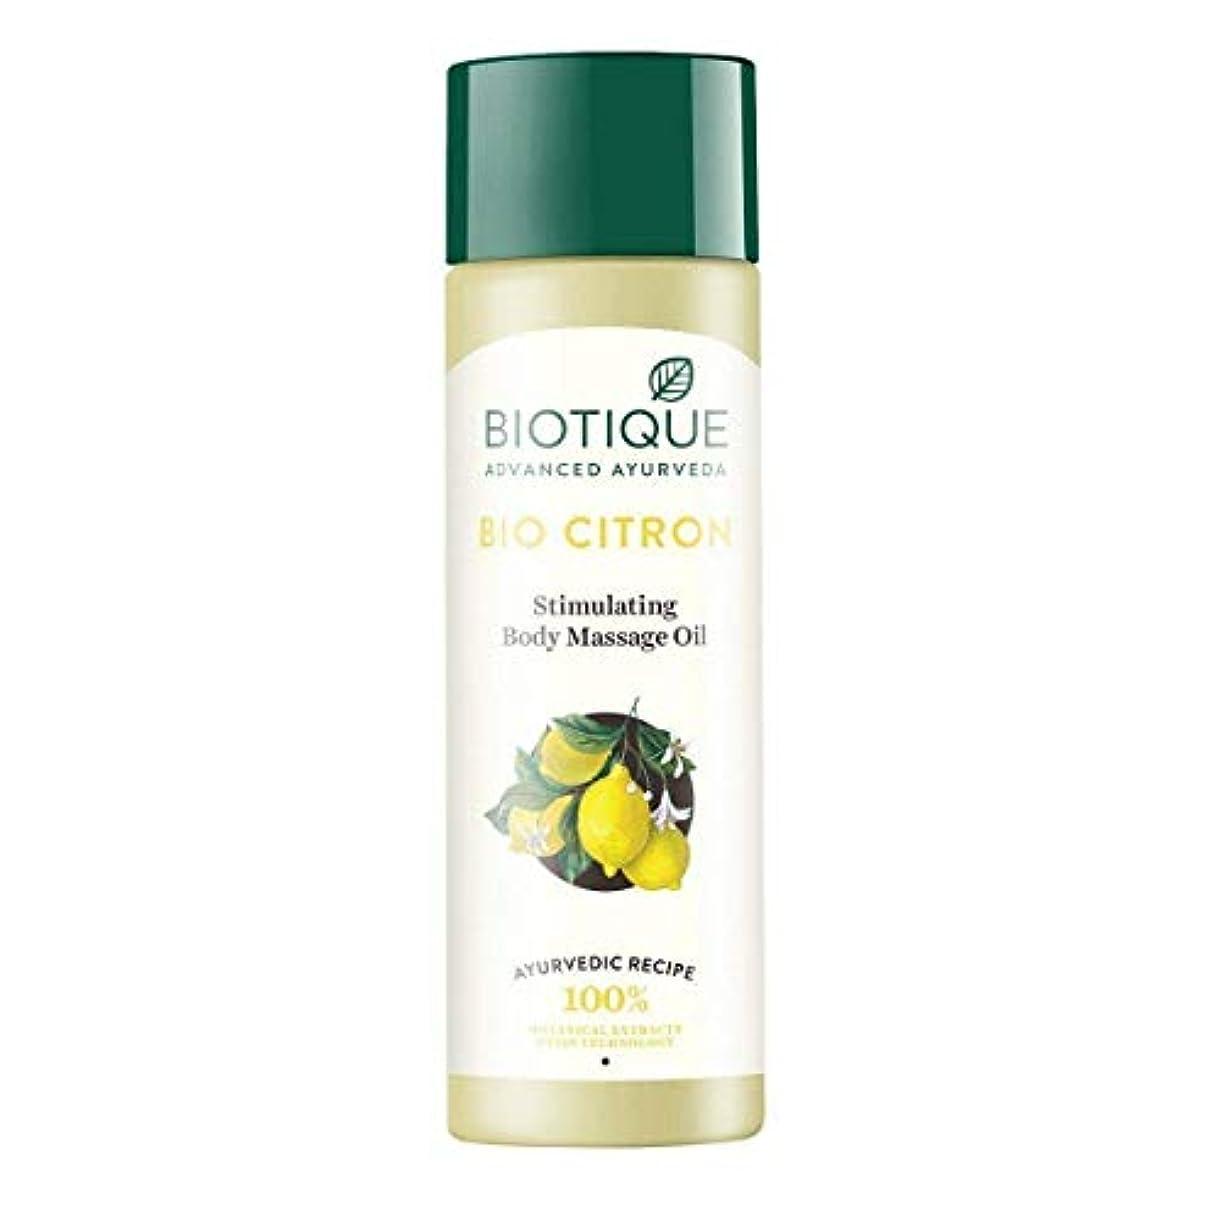 謎パーク援助Biotique Bio Citron Stimulating Body Massage Oil, 200ml rich in vitamin Biotique バイオシトロン刺激ボディマッサージオイル、ビタミン